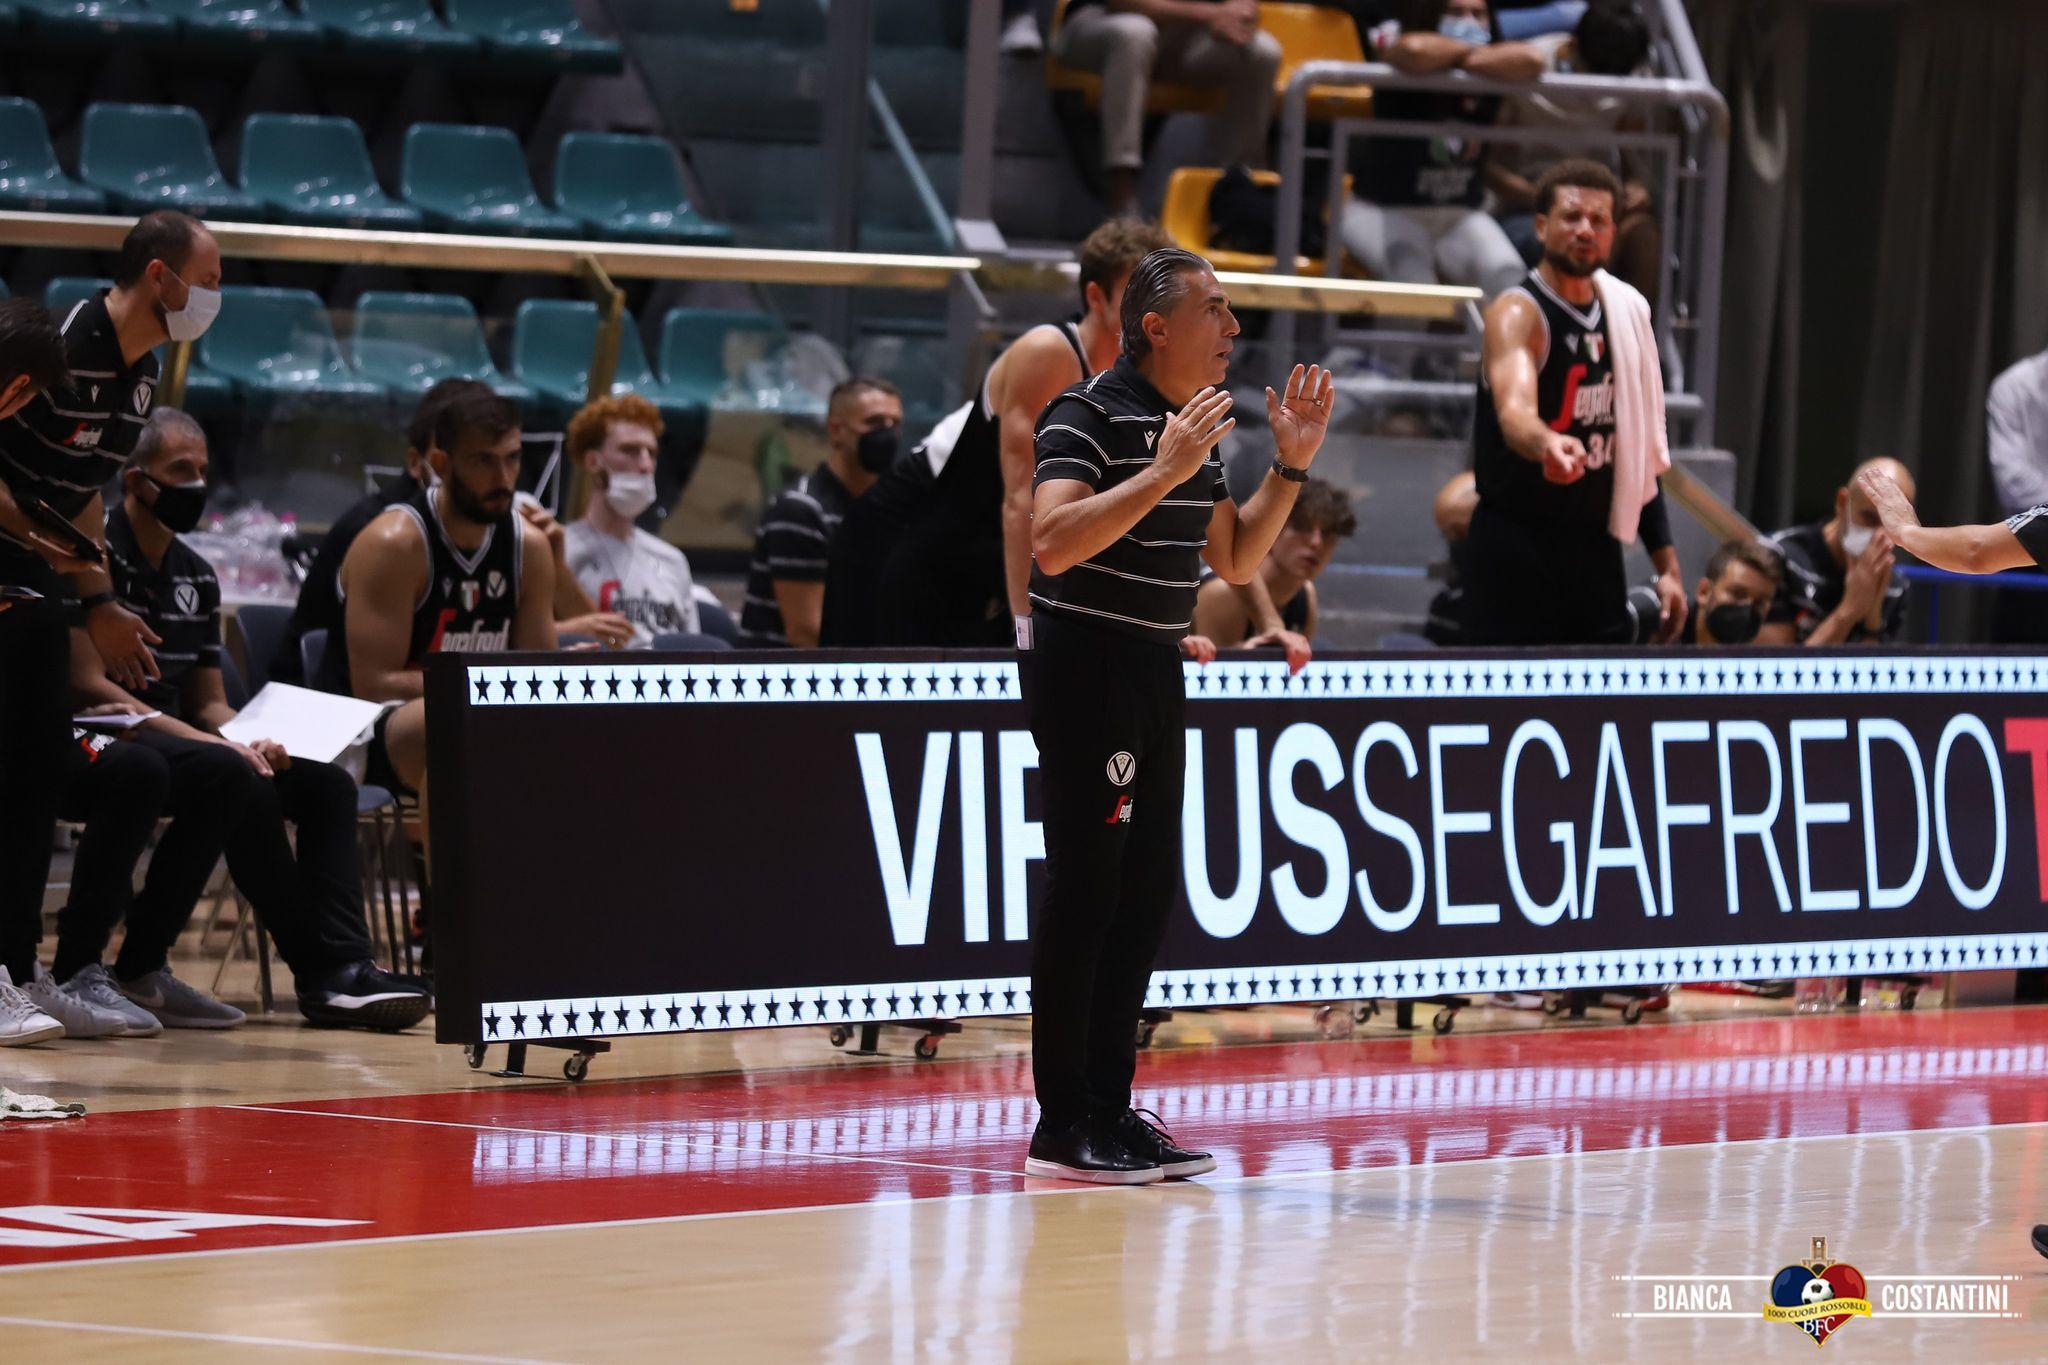 Trento-Virtus Segafredo, le parole dei protagonisti al termine del match